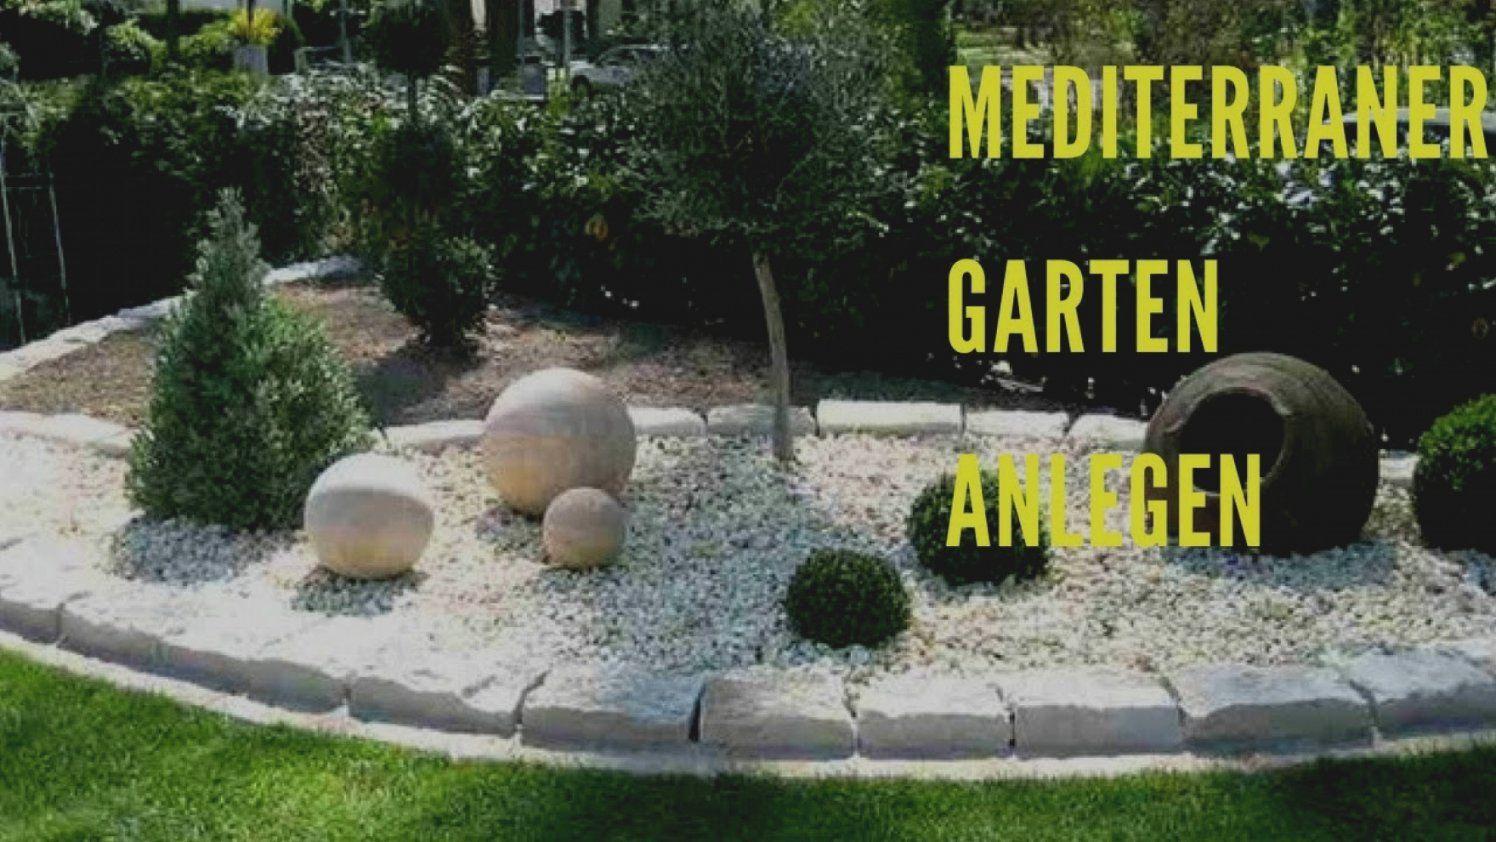 Garten mediterran gestalten bilder haus design ideen for Mediterrane garten gestalten